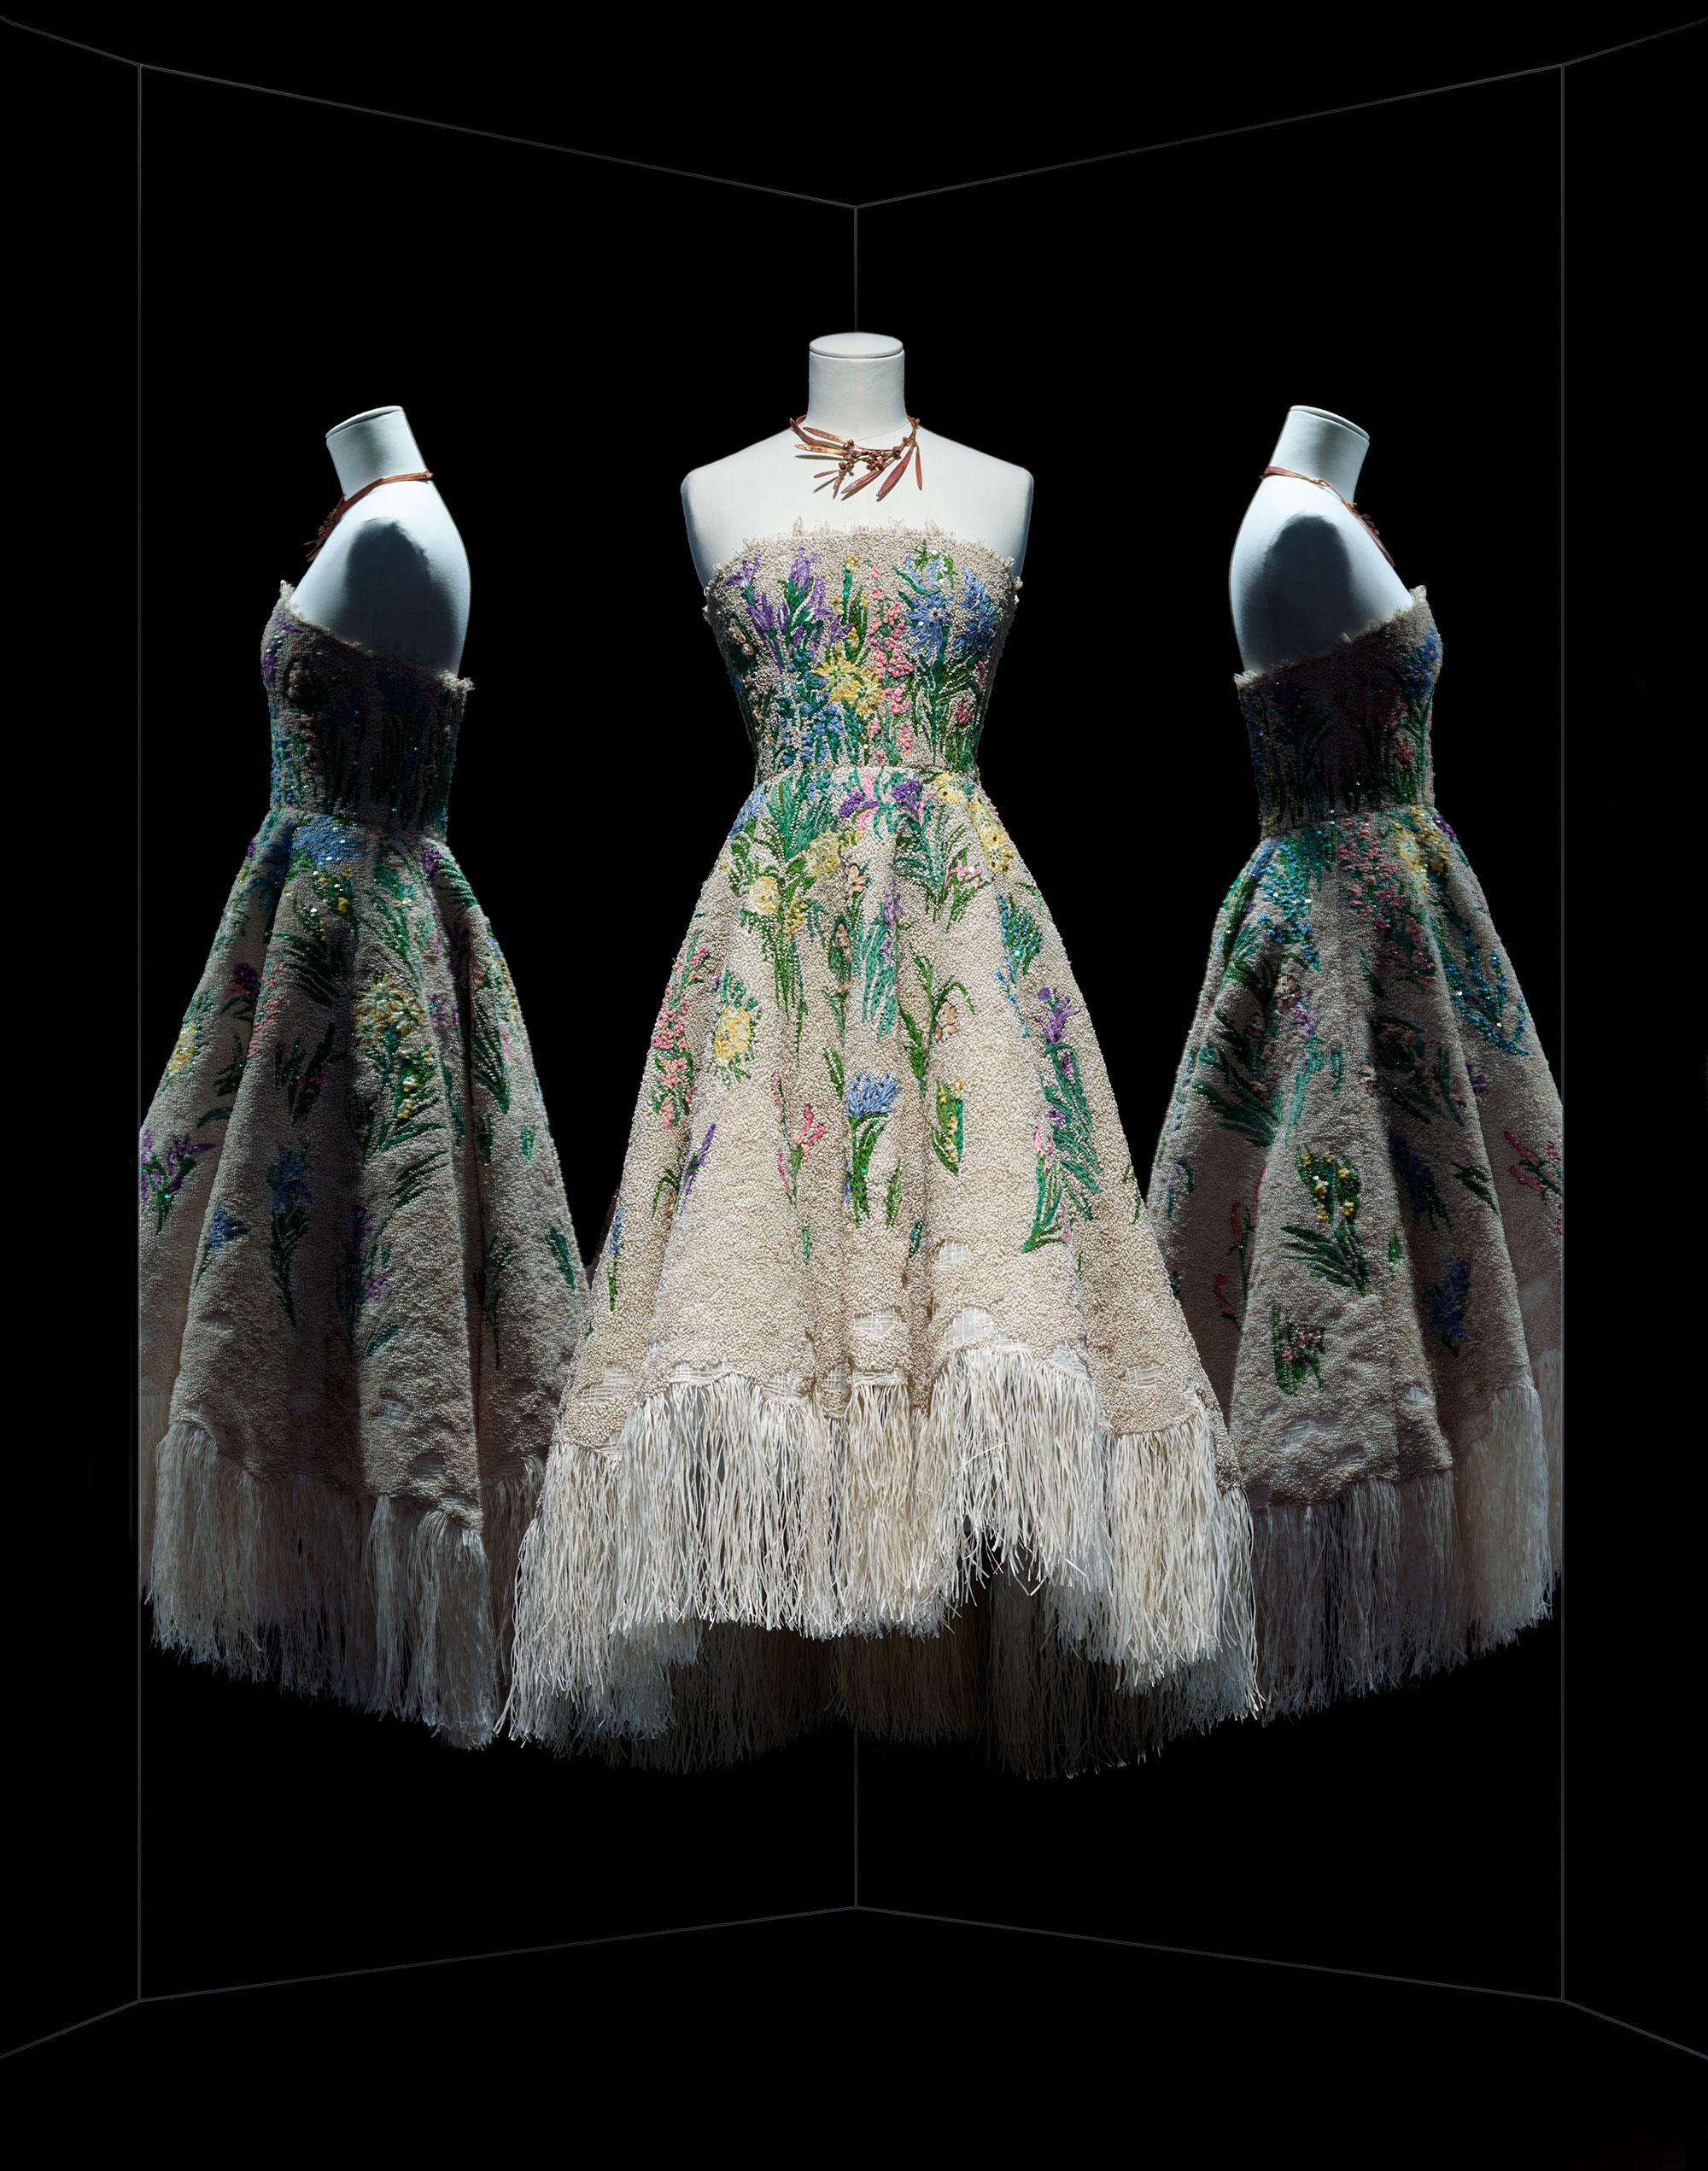 ... Maria Grazia Chiuri pour Christian Dior, robe Essence d herbier, haute  couture printemps-été 2017 Robe de cocktail frangée, broderie fleurie en  raphia ... 70dd0e957e8